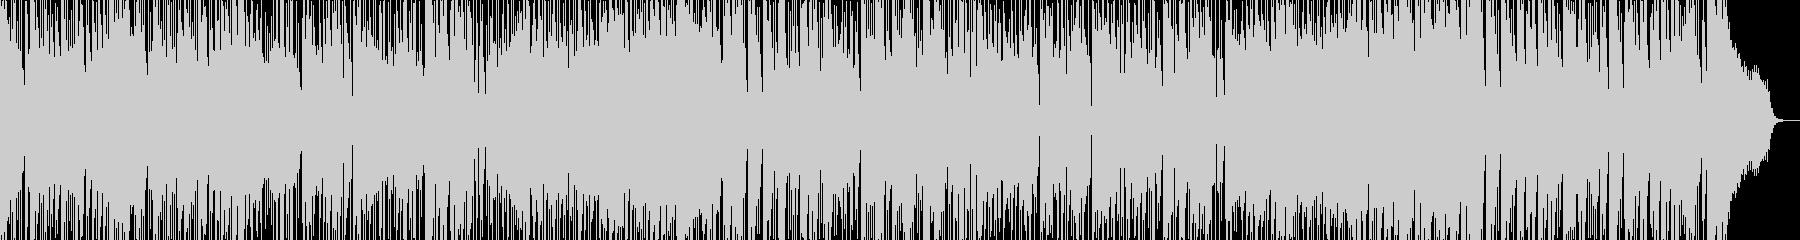 さわやかなPOPS曲の未再生の波形